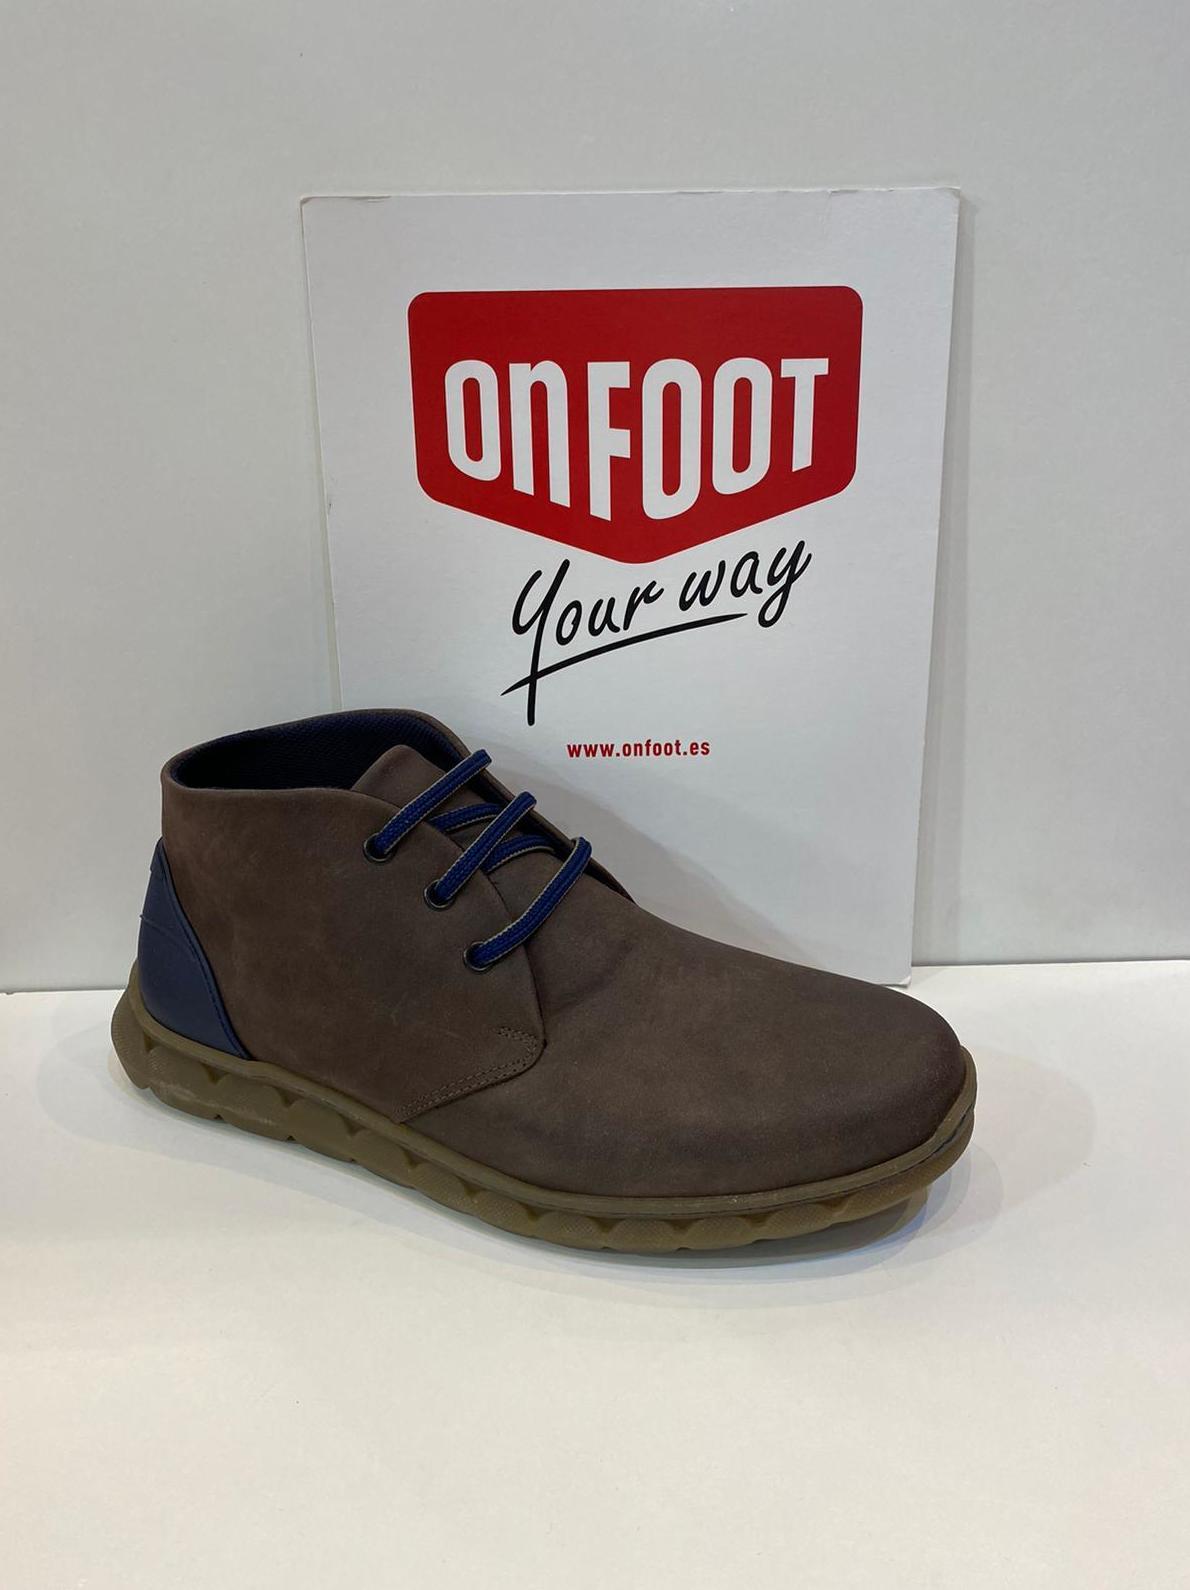 Botí d'home, de la marca On Foot, ample especial, adaptable a plantilles ortopèdiques, sola de làtex amb càmeras d'aire 77€